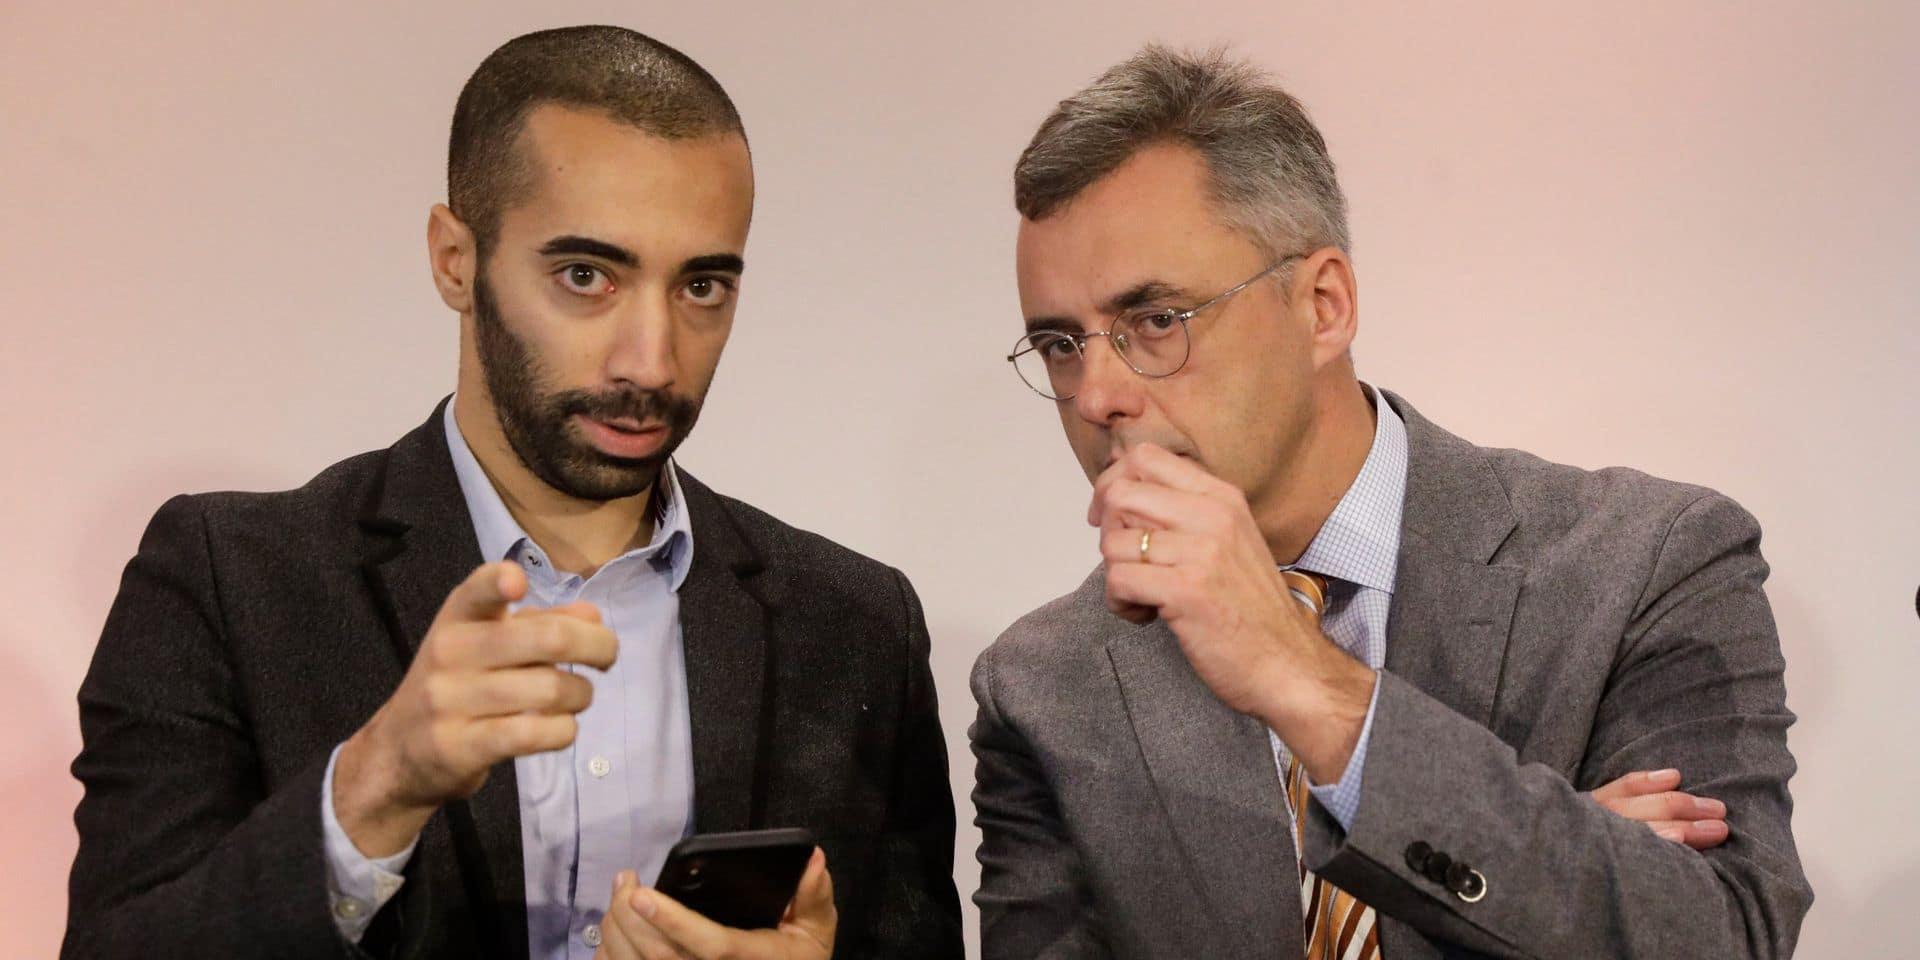 """Le CD&V pencherait pour une coalition """"Avanti"""" avec le cdH: """"On ne demande rien, mais notre porte reste ouverte"""", réagissent les démocrates francophones"""